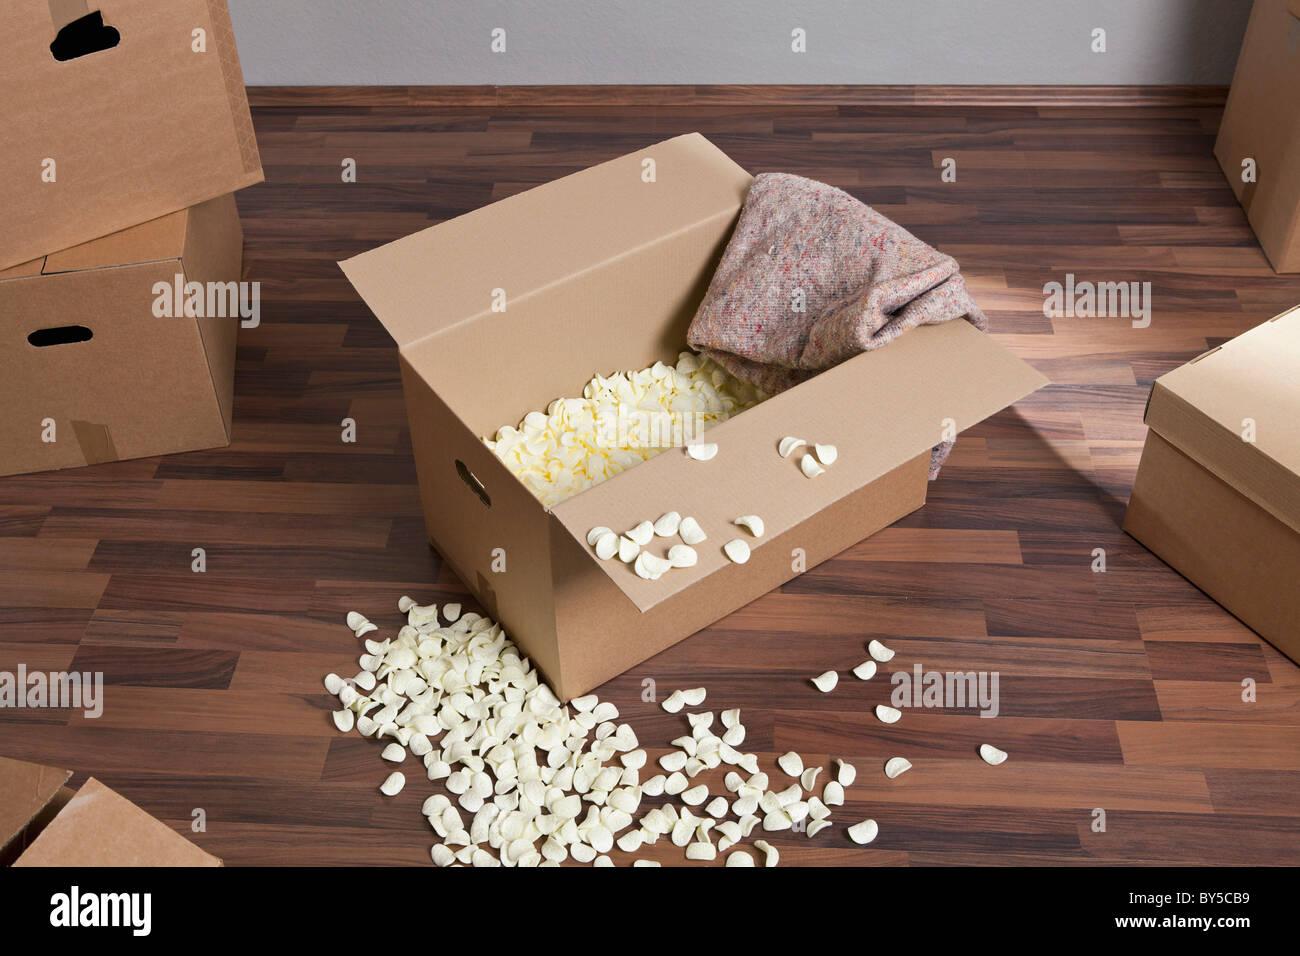 Umzugskartons, Verpackung, Erdnüsse und ein Drop-Tuch Stockbild